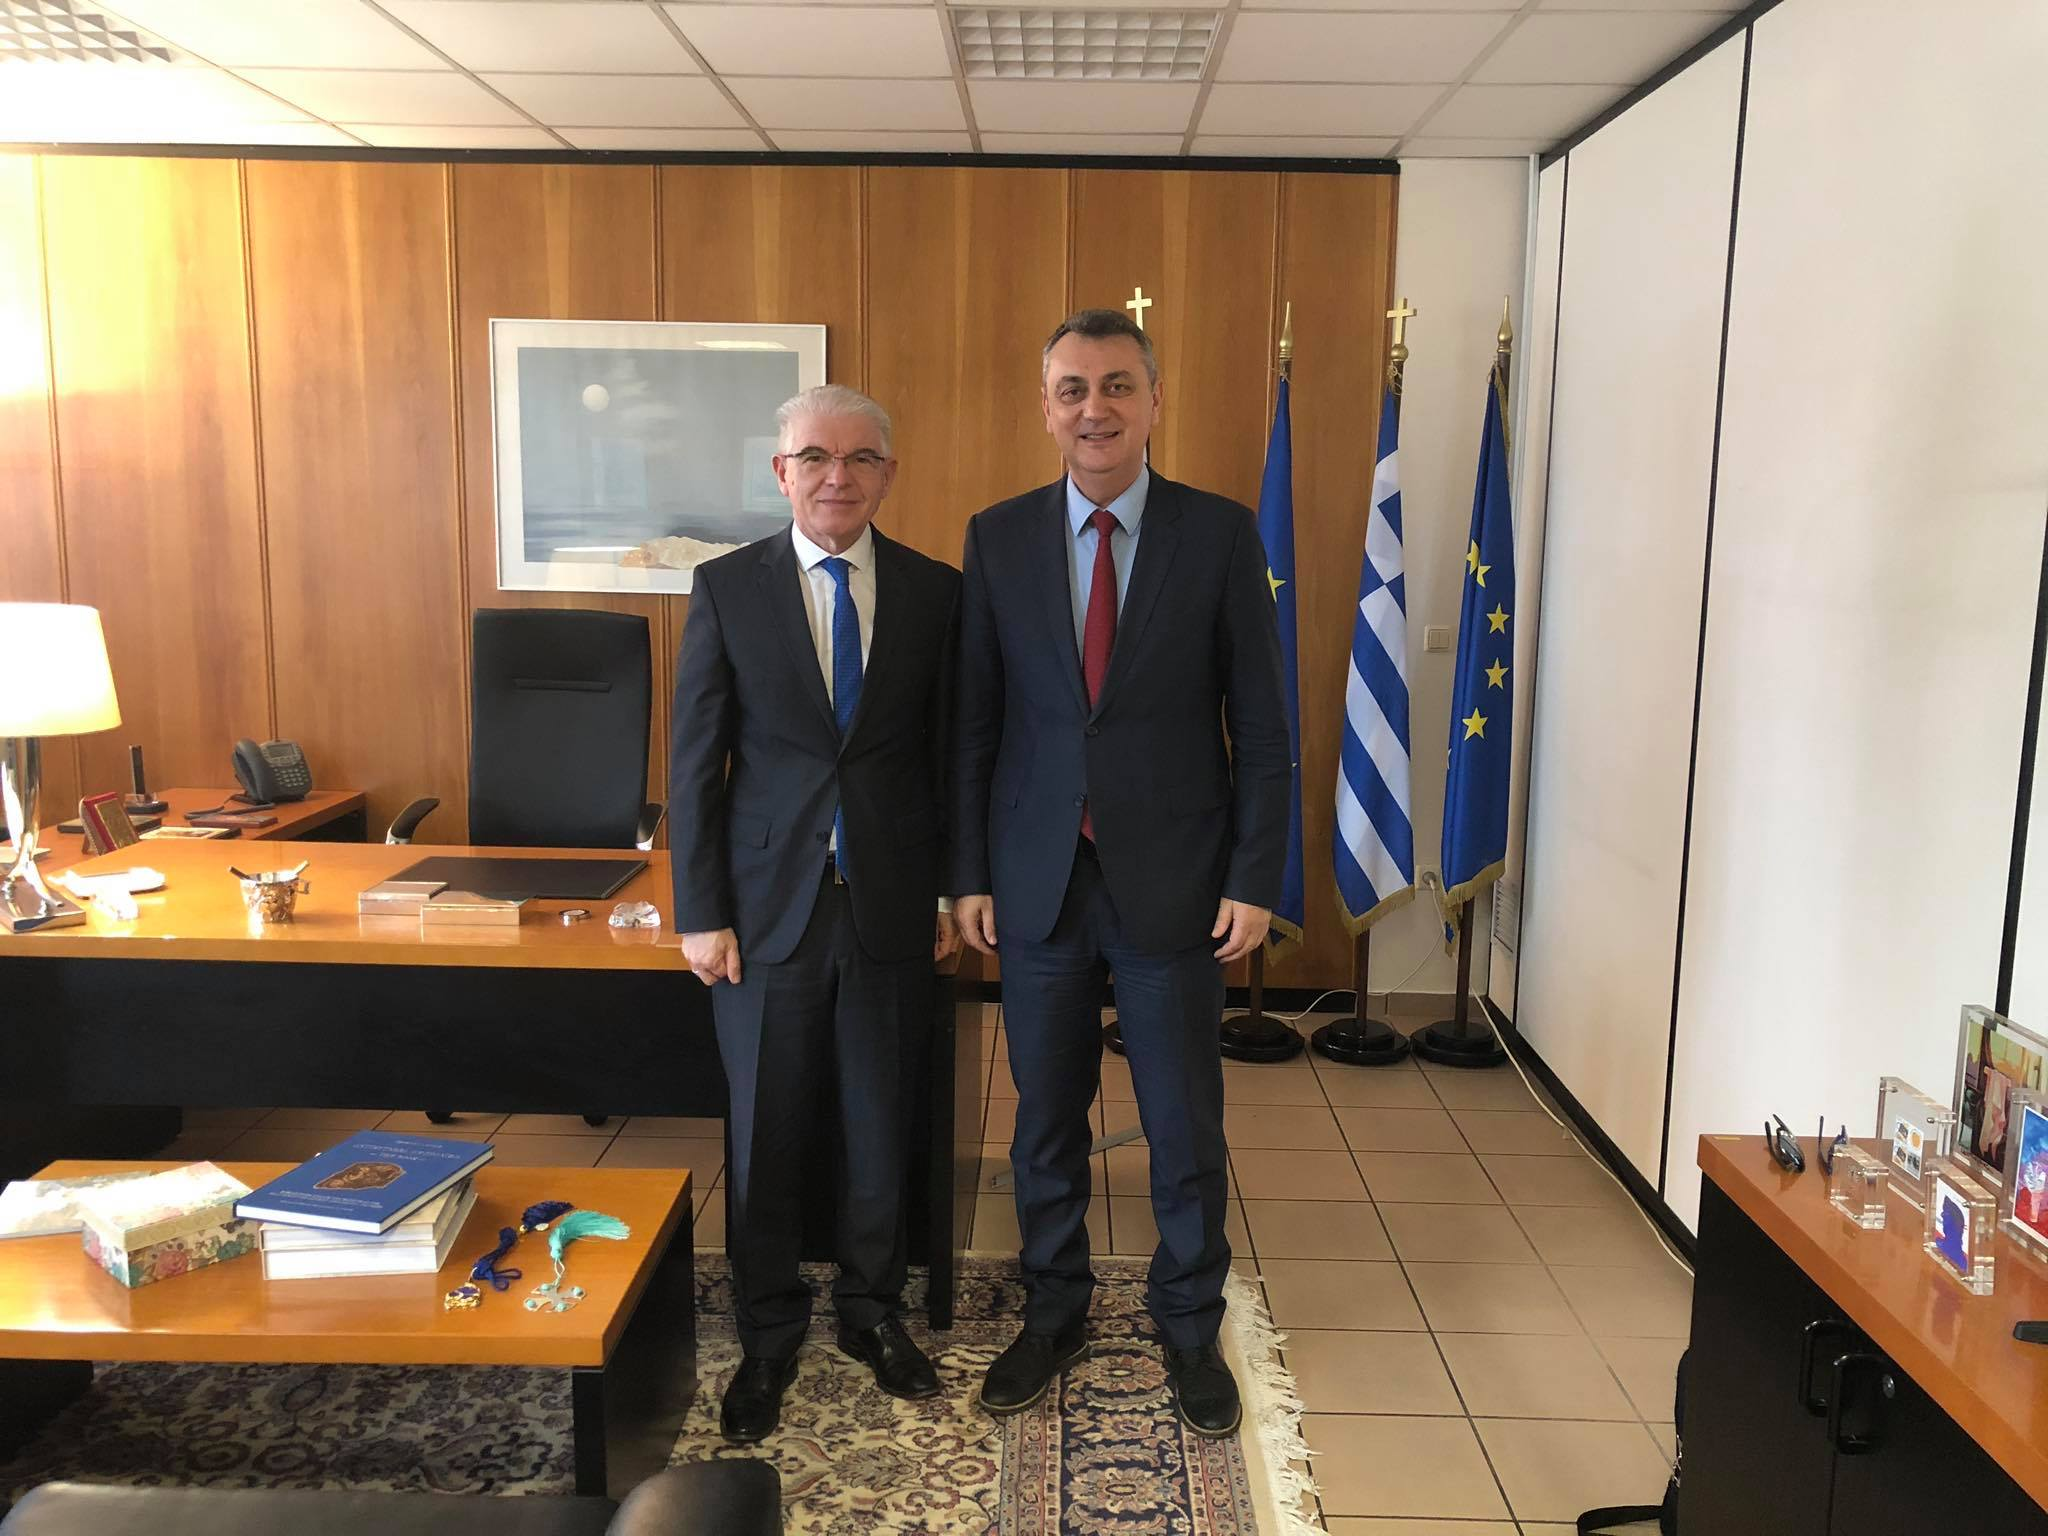 Ο Βουλευτής ΝΔ ν. Καρδίτσας Γιώργος Κωτσός συναντήθηκε με τον Πρόεδρο του ΕΛΓΑ Ανδρέα Λυκουρέντζο